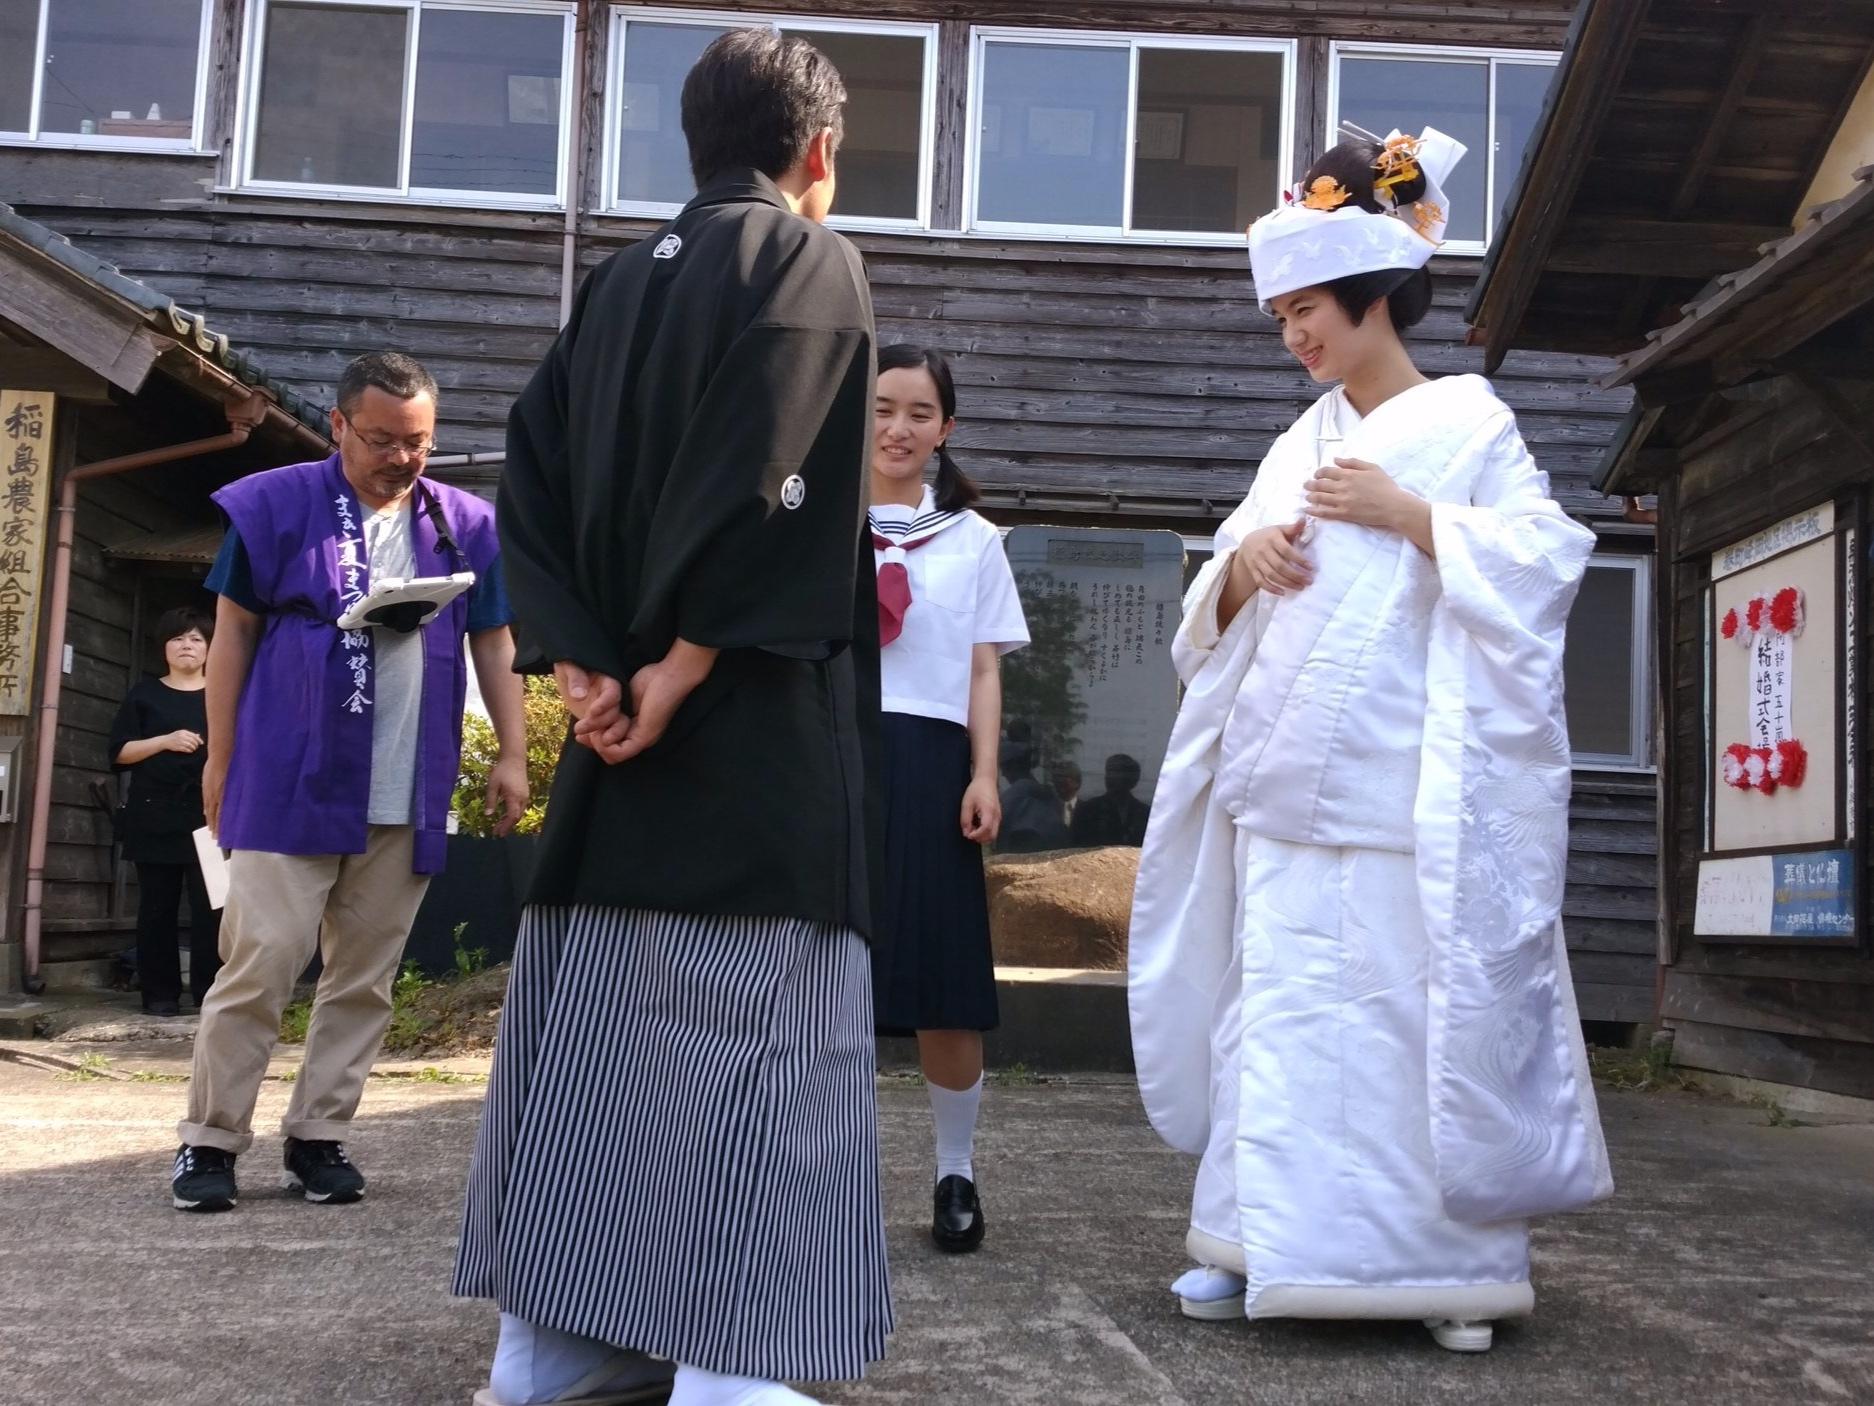 結婚式の撮影では地元の方々がエキストラ出演  Extras from Nishikan locals for the wedding scene.